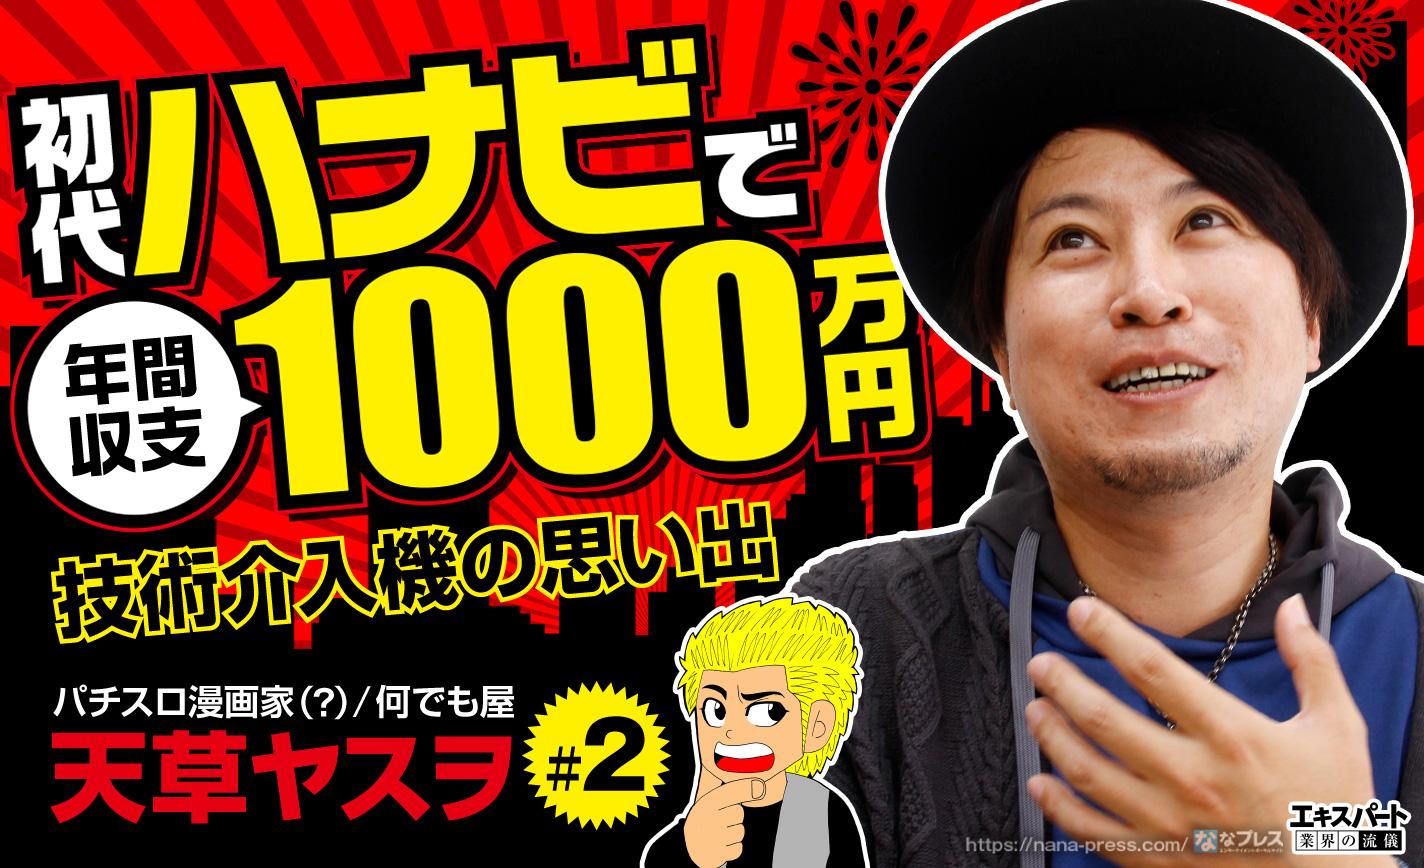 天草ヤスヲが技術介入機の思い出を語る!初代ハナビの年間収支は1000万円以上!? eyecatch-image